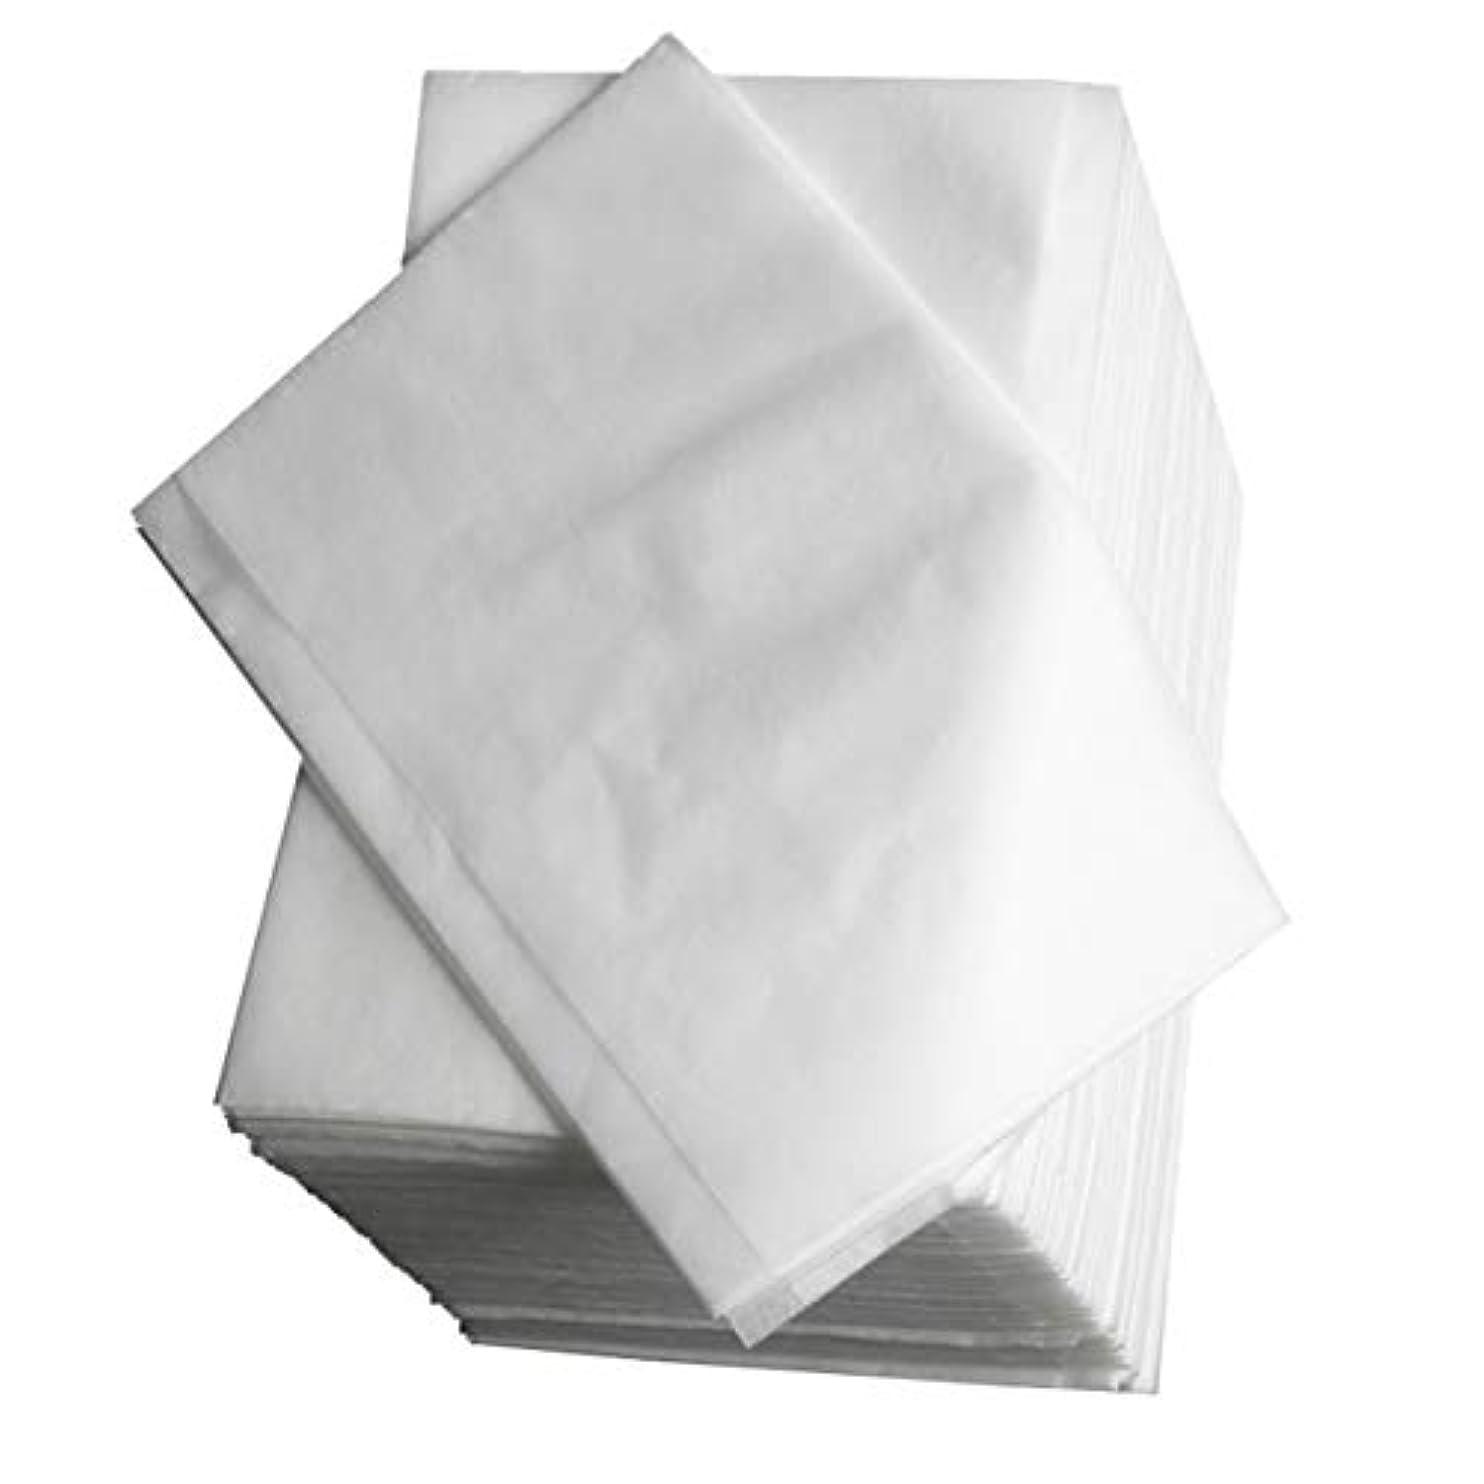 欲求不満イブニング迷彩Disposable Bed Linen Beauty Salon Massage Travel Medical Non-woven Mattress Breathable Antibacterial Anti-infective